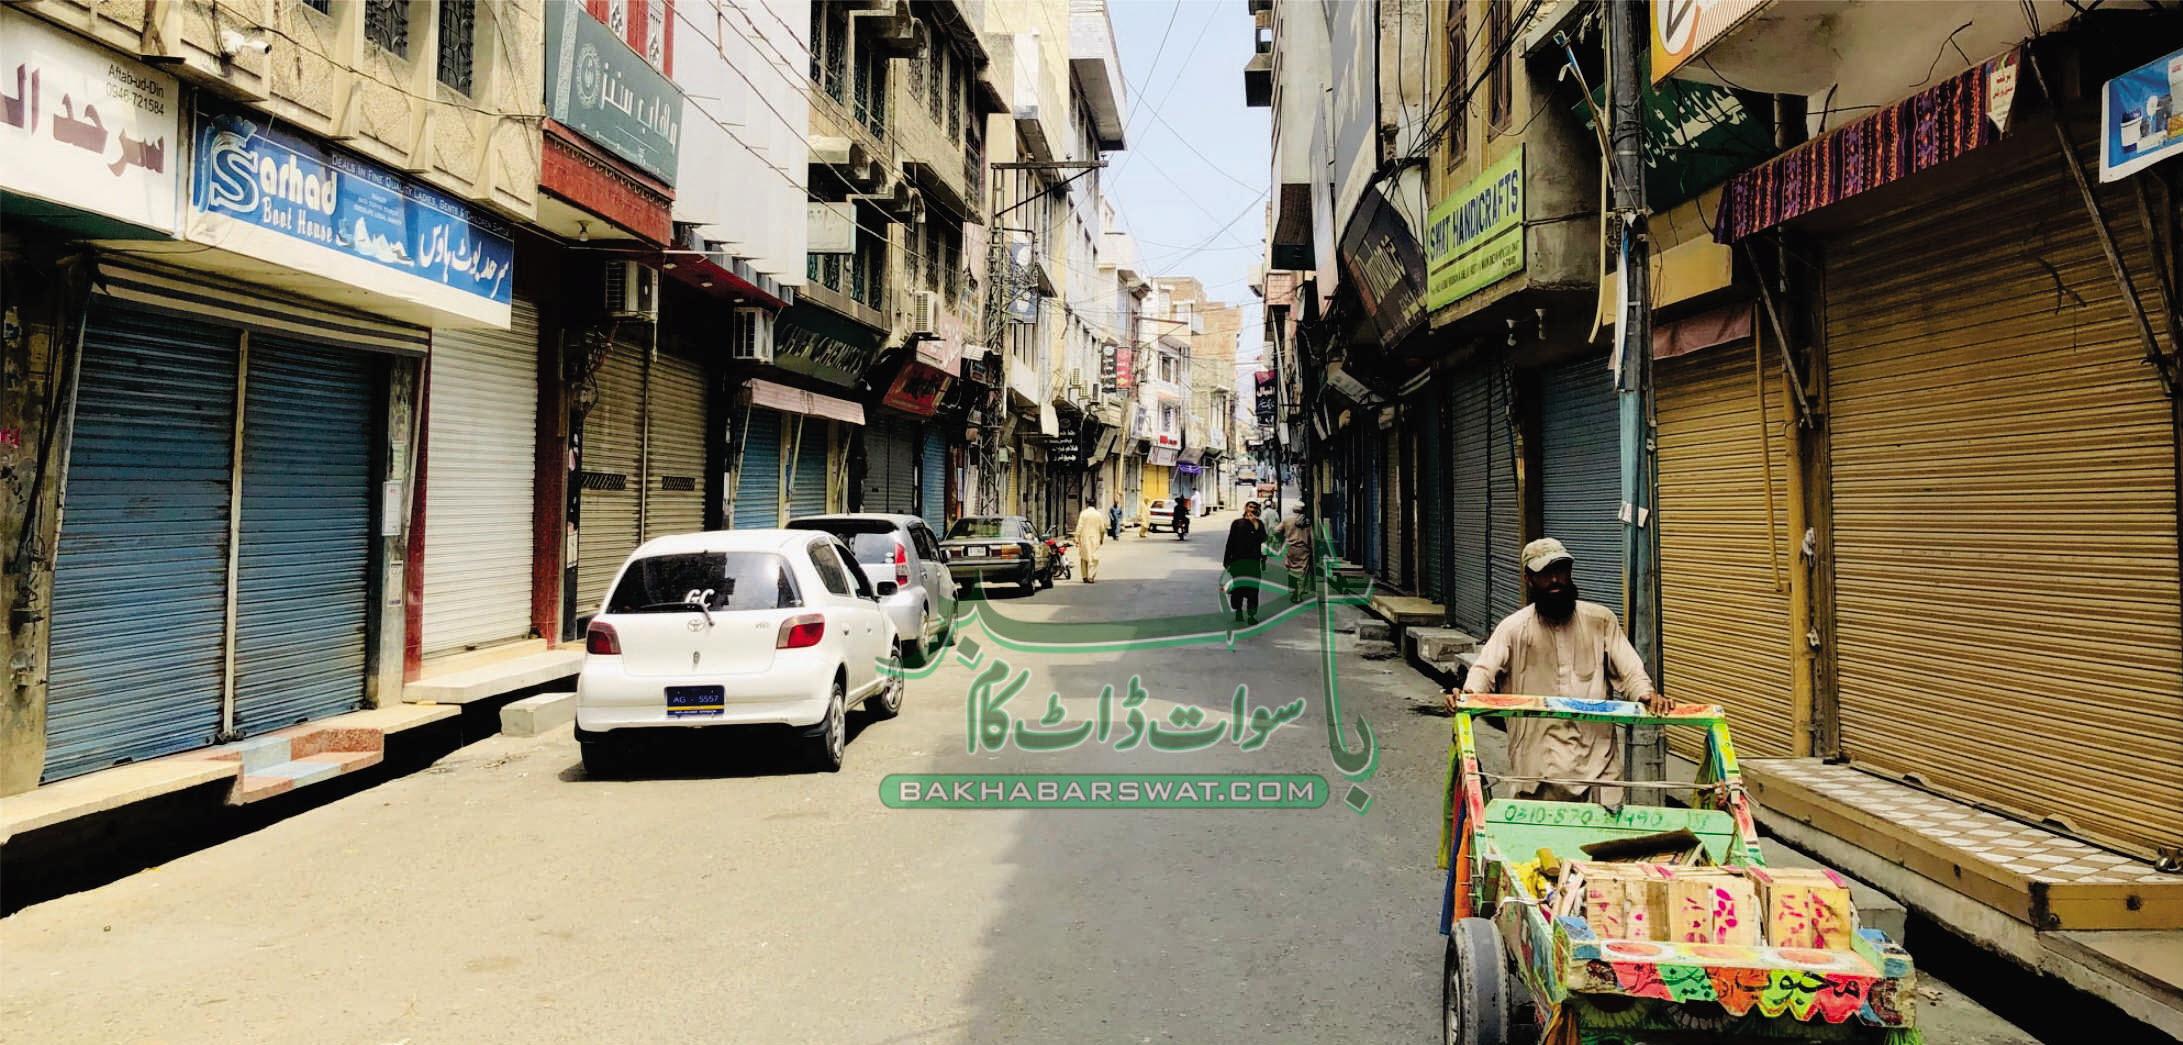 سوات میں تاریخی شٹرڈاؤن ہڑتال، تمام کاروباری مراکز بند